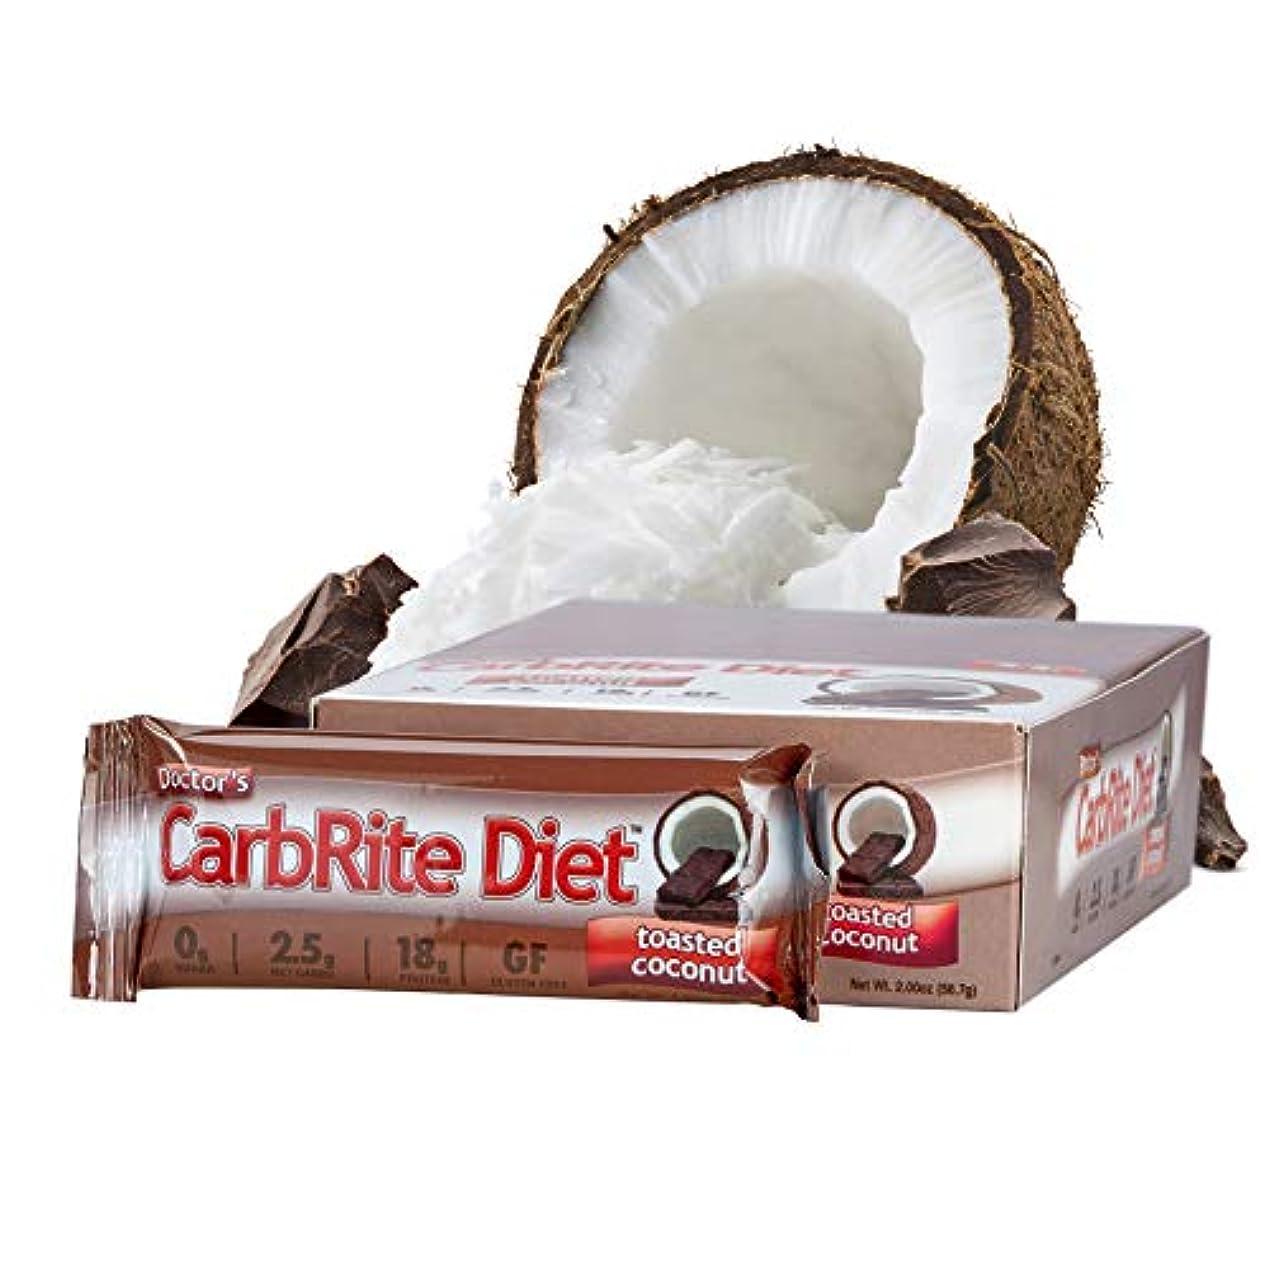 願望わざわざリズムUniversal Nutrition - Doctor's CarbRite ダイエット バー ボックス トースト ココナッツ - 1バー